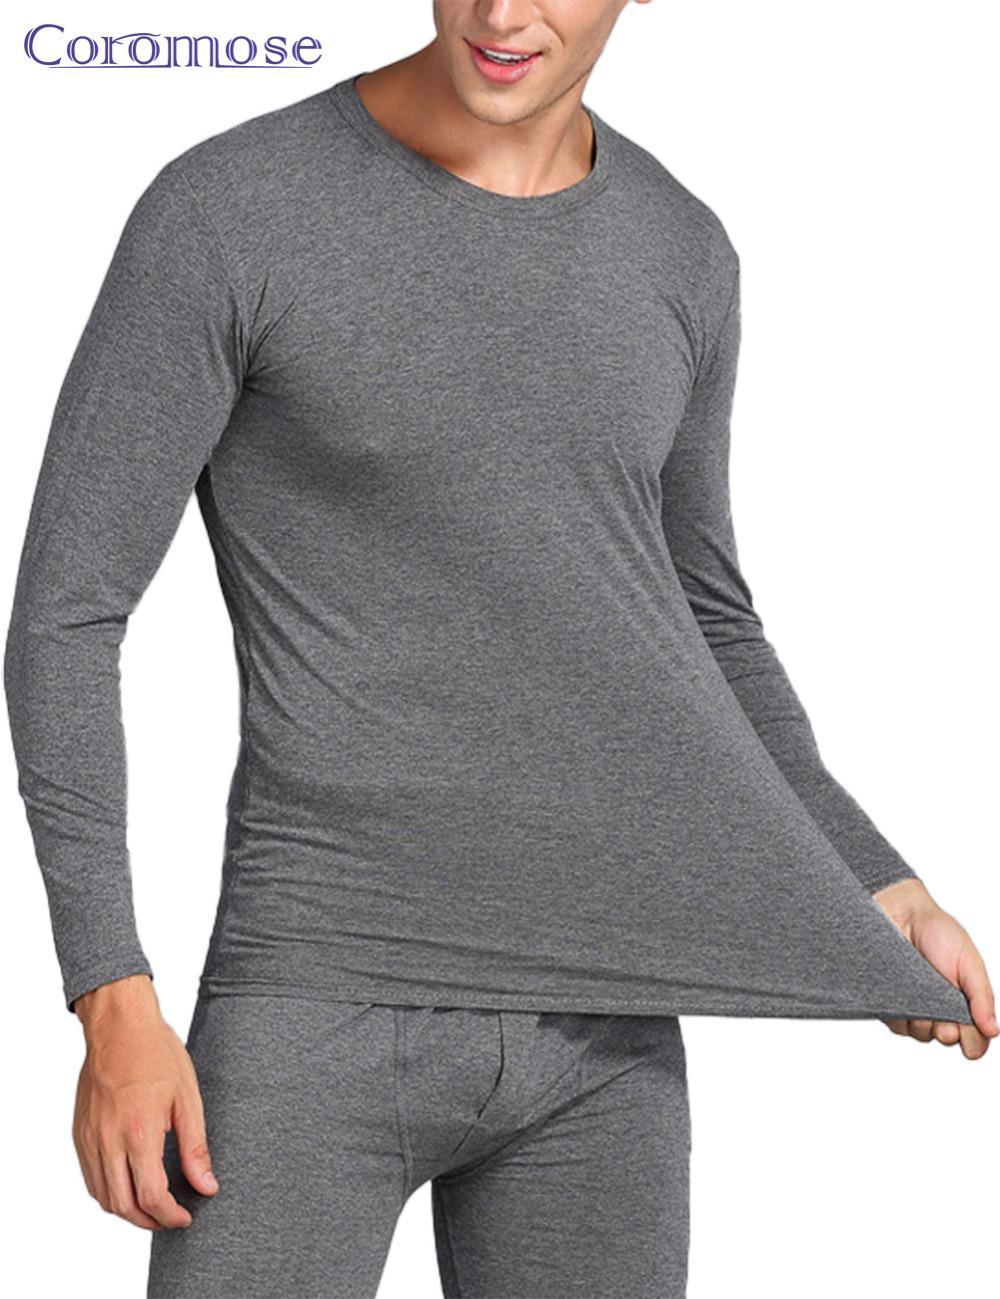 Coromose Inverno Homens Long Johns Mens Conjuntos de Roupa Interior Térmica Além de Veludo Quente Longo John O-pescoço Térmicas Undershirts Calças L-3XL